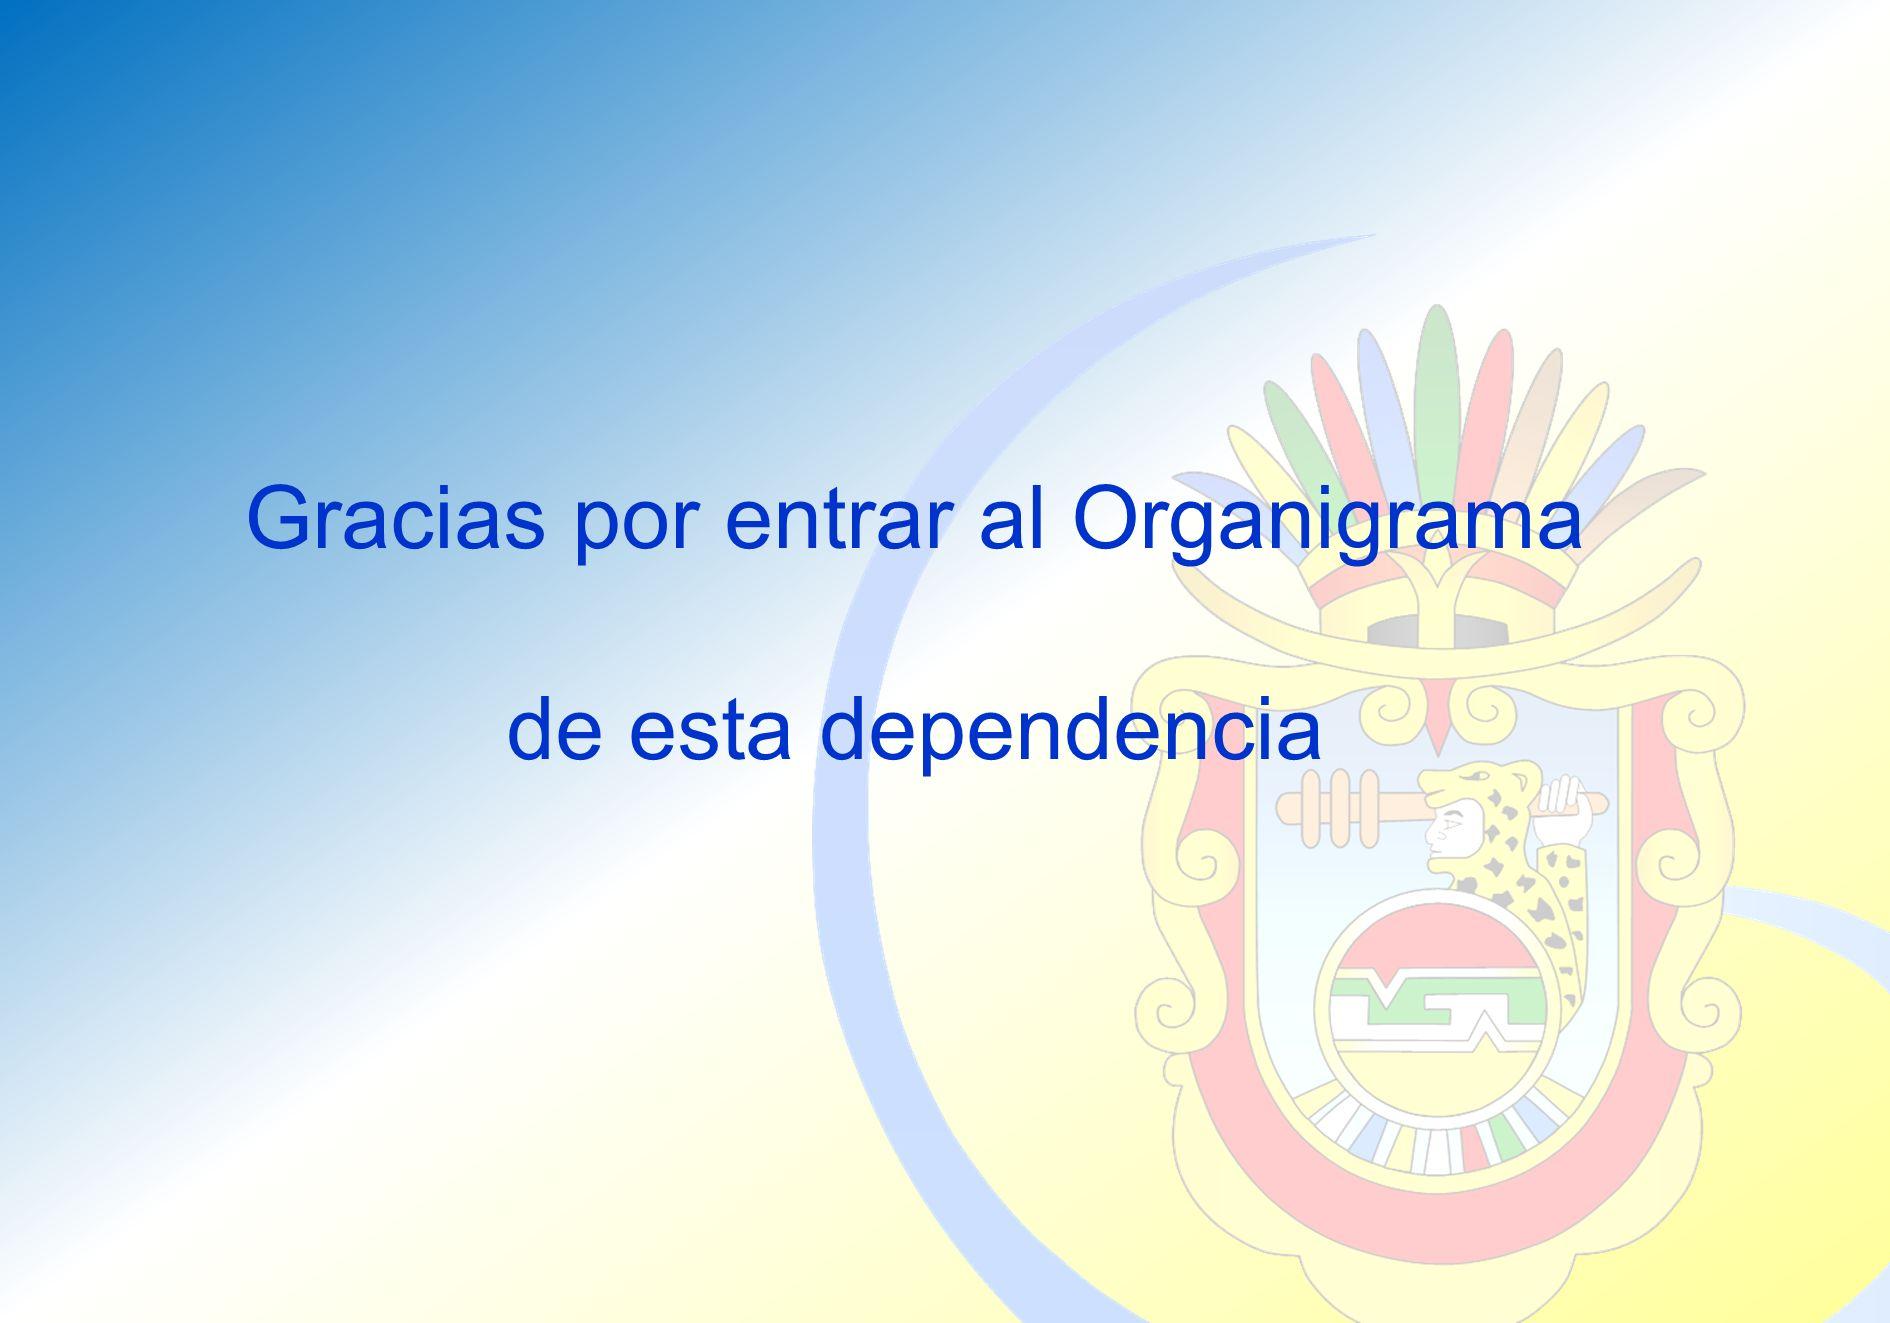 Gracias por entrar al Organigrama